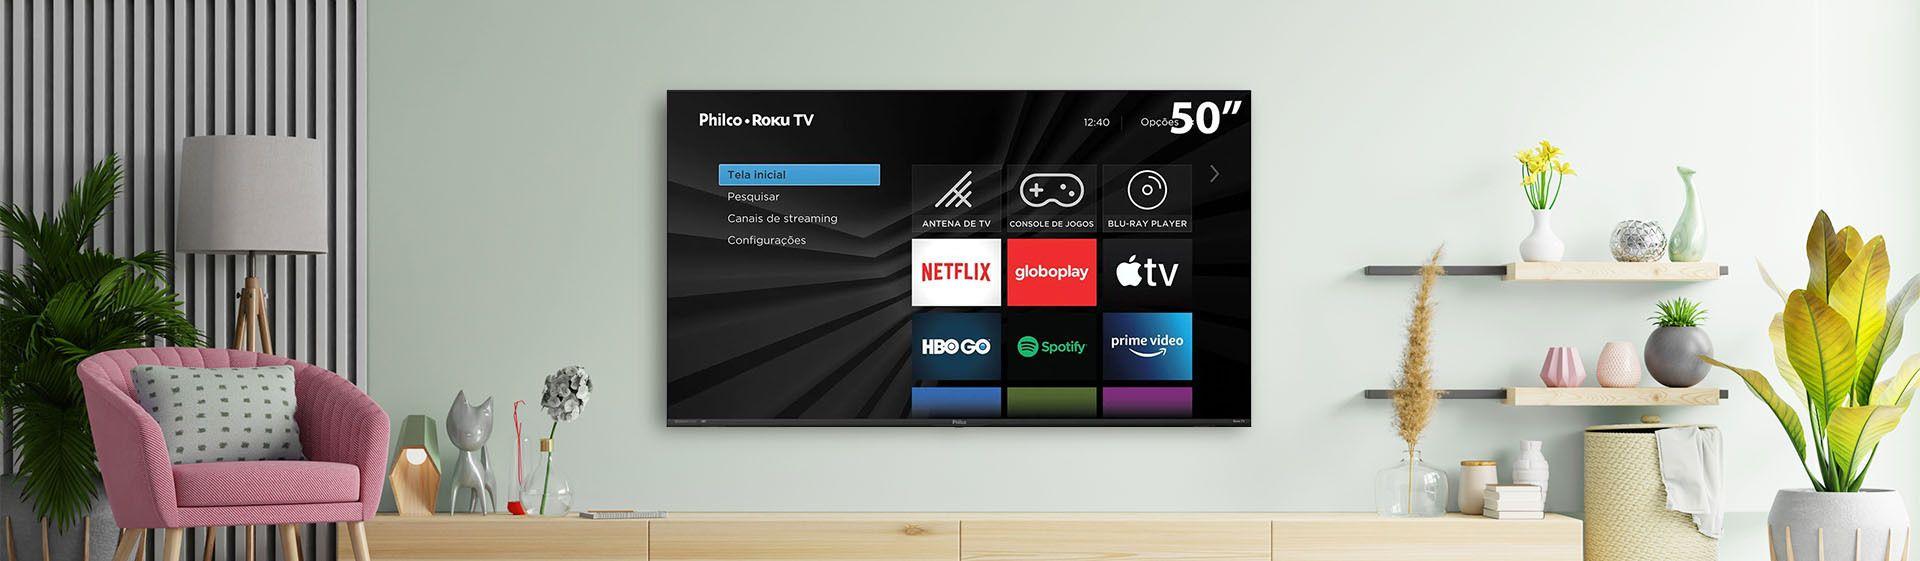 Philco anuncia lançamento de Roku TV 4K com Dolby Audio e HDR10 no Brasil